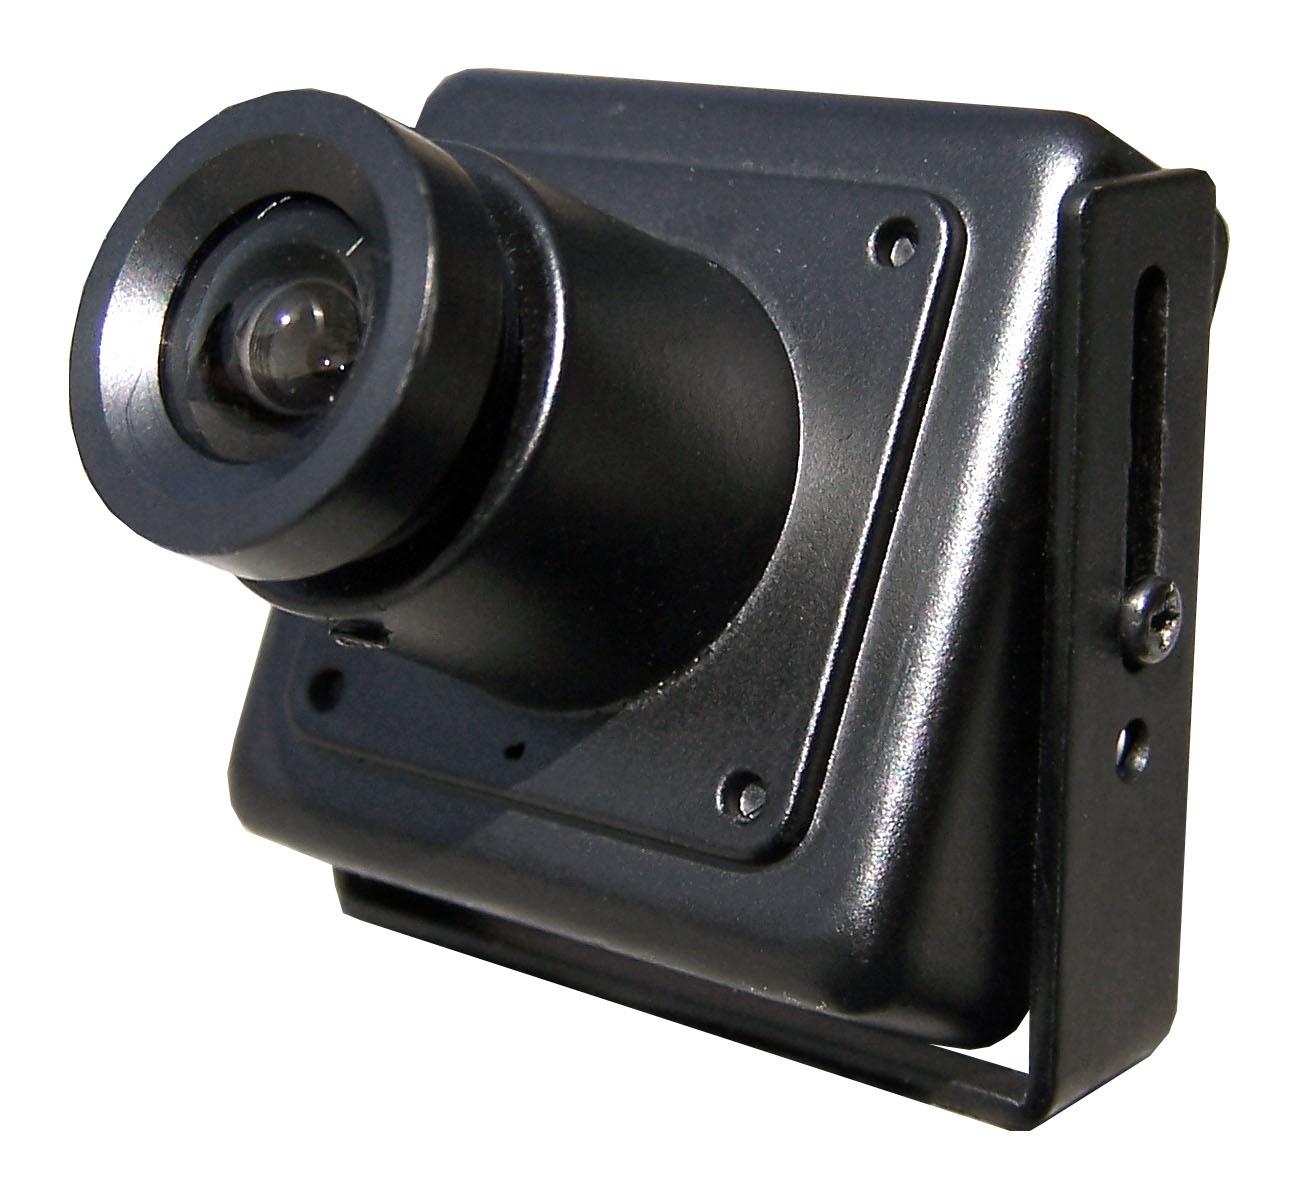 Mini telecamere ahd 1080p microtelecamere spia alta for Definizione camera